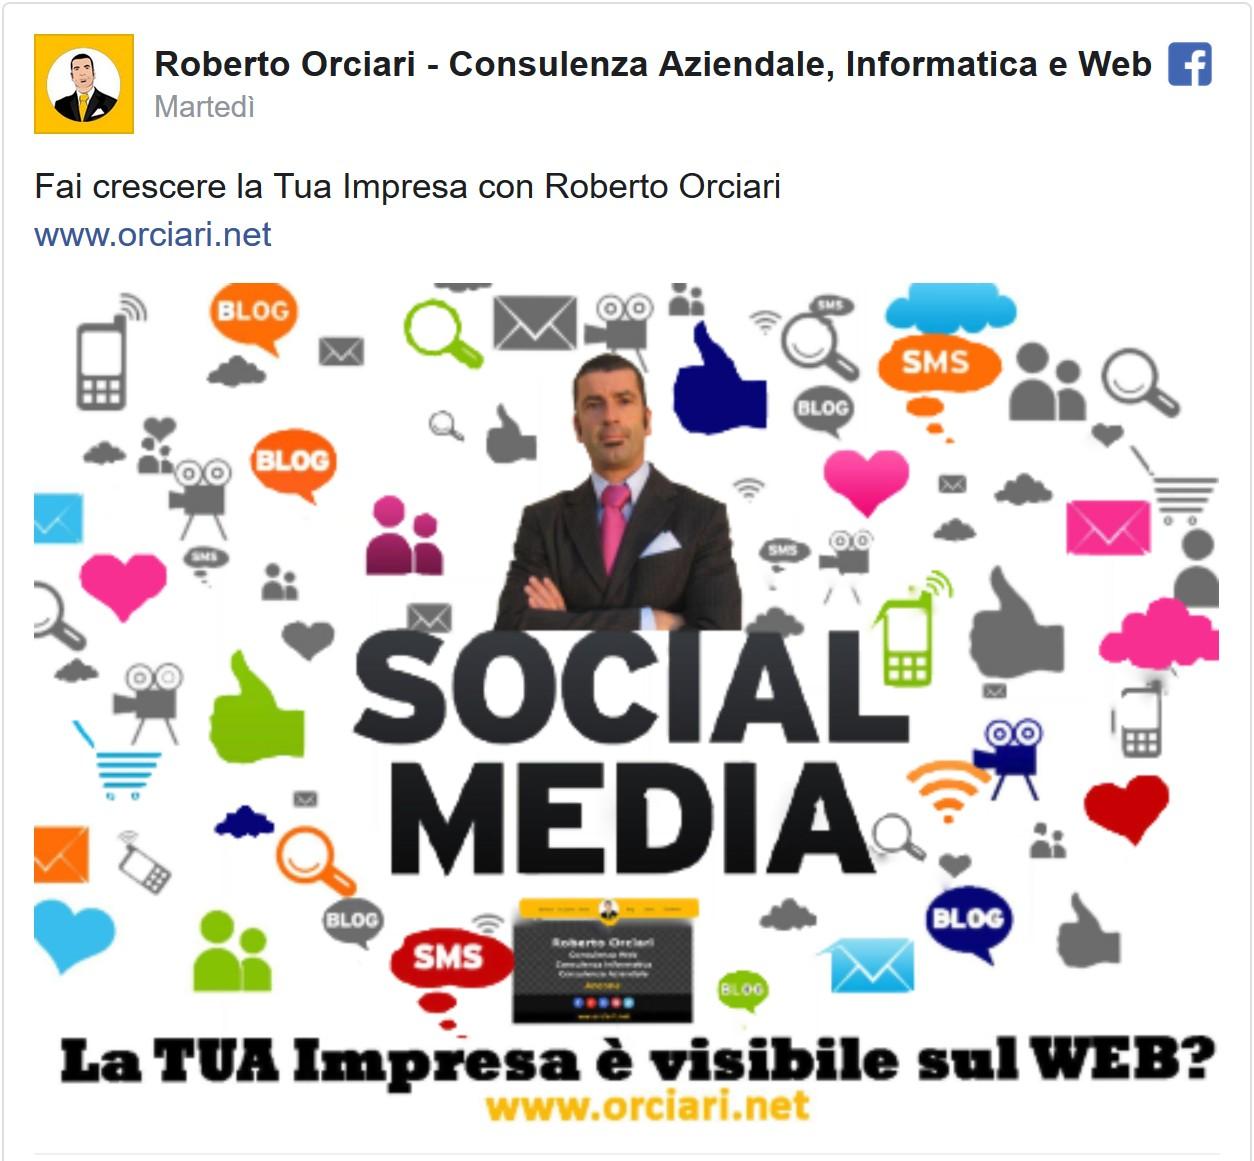 Fai crescere la tua impresa con Roberto Orciari